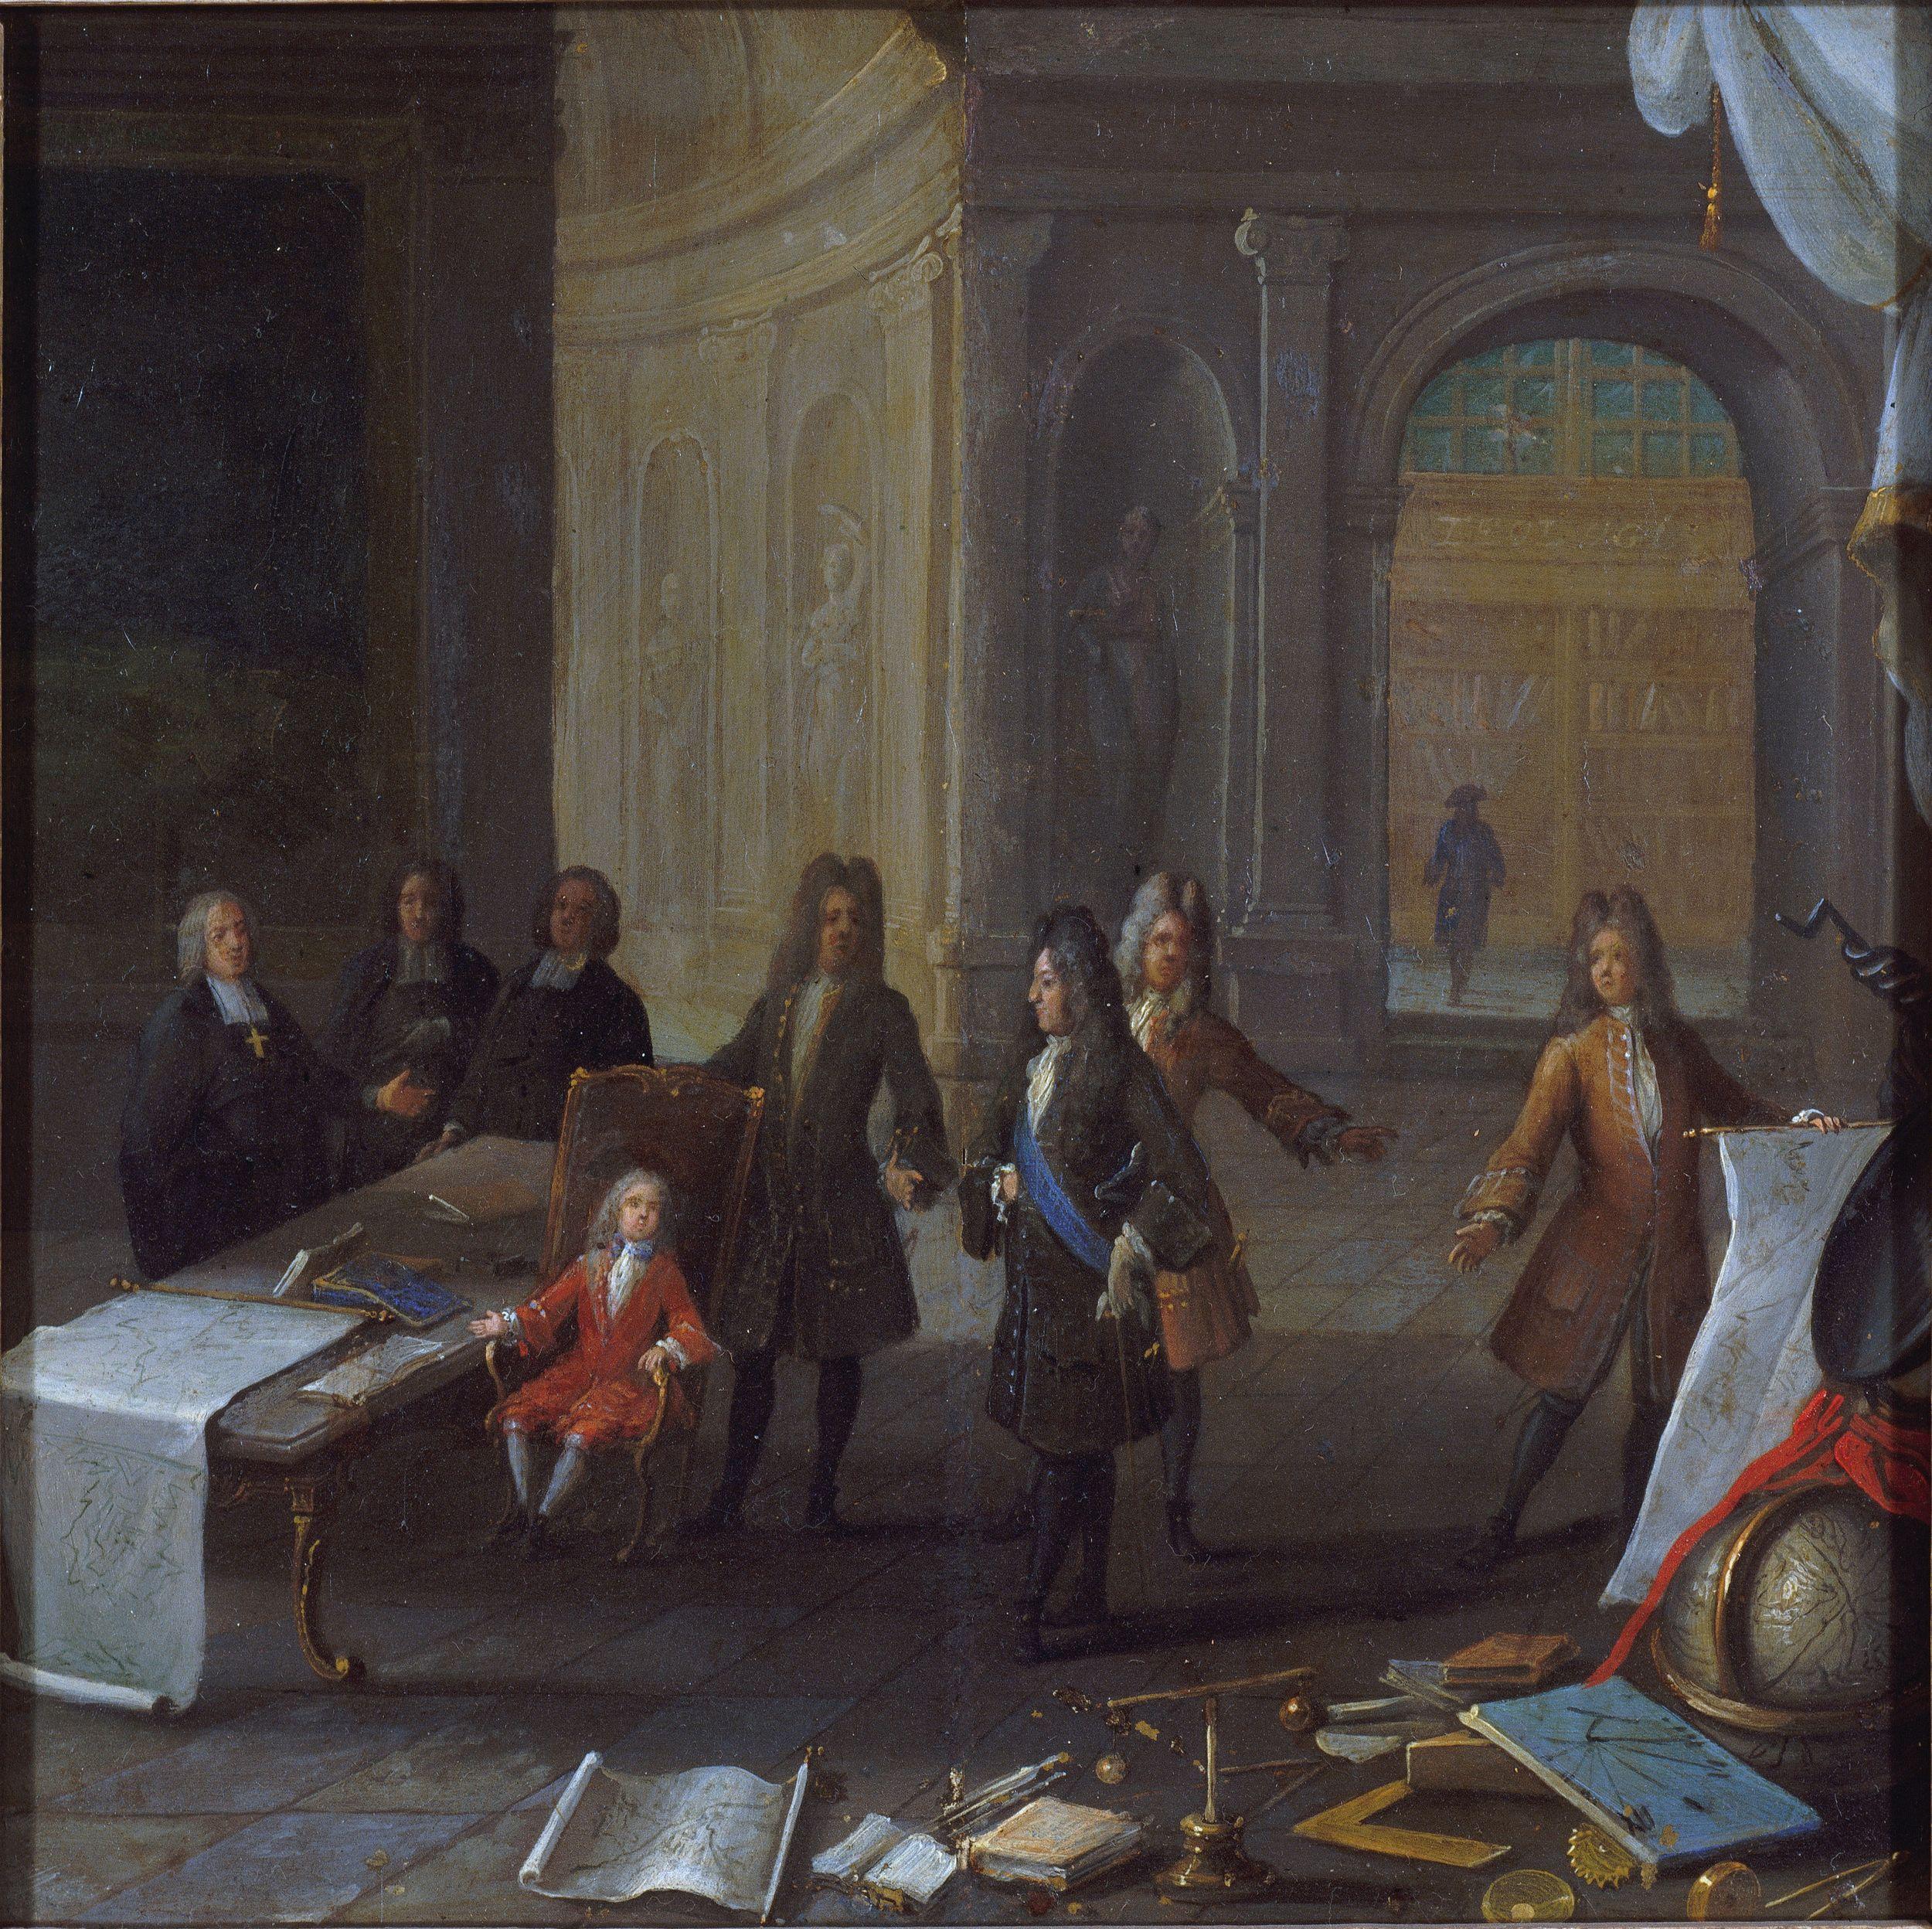 LOUIS XV ENFANT RECEVANT UNE LECON, EN PRESENCE DU CARDINAL DE FLEURY ET DU REGENT